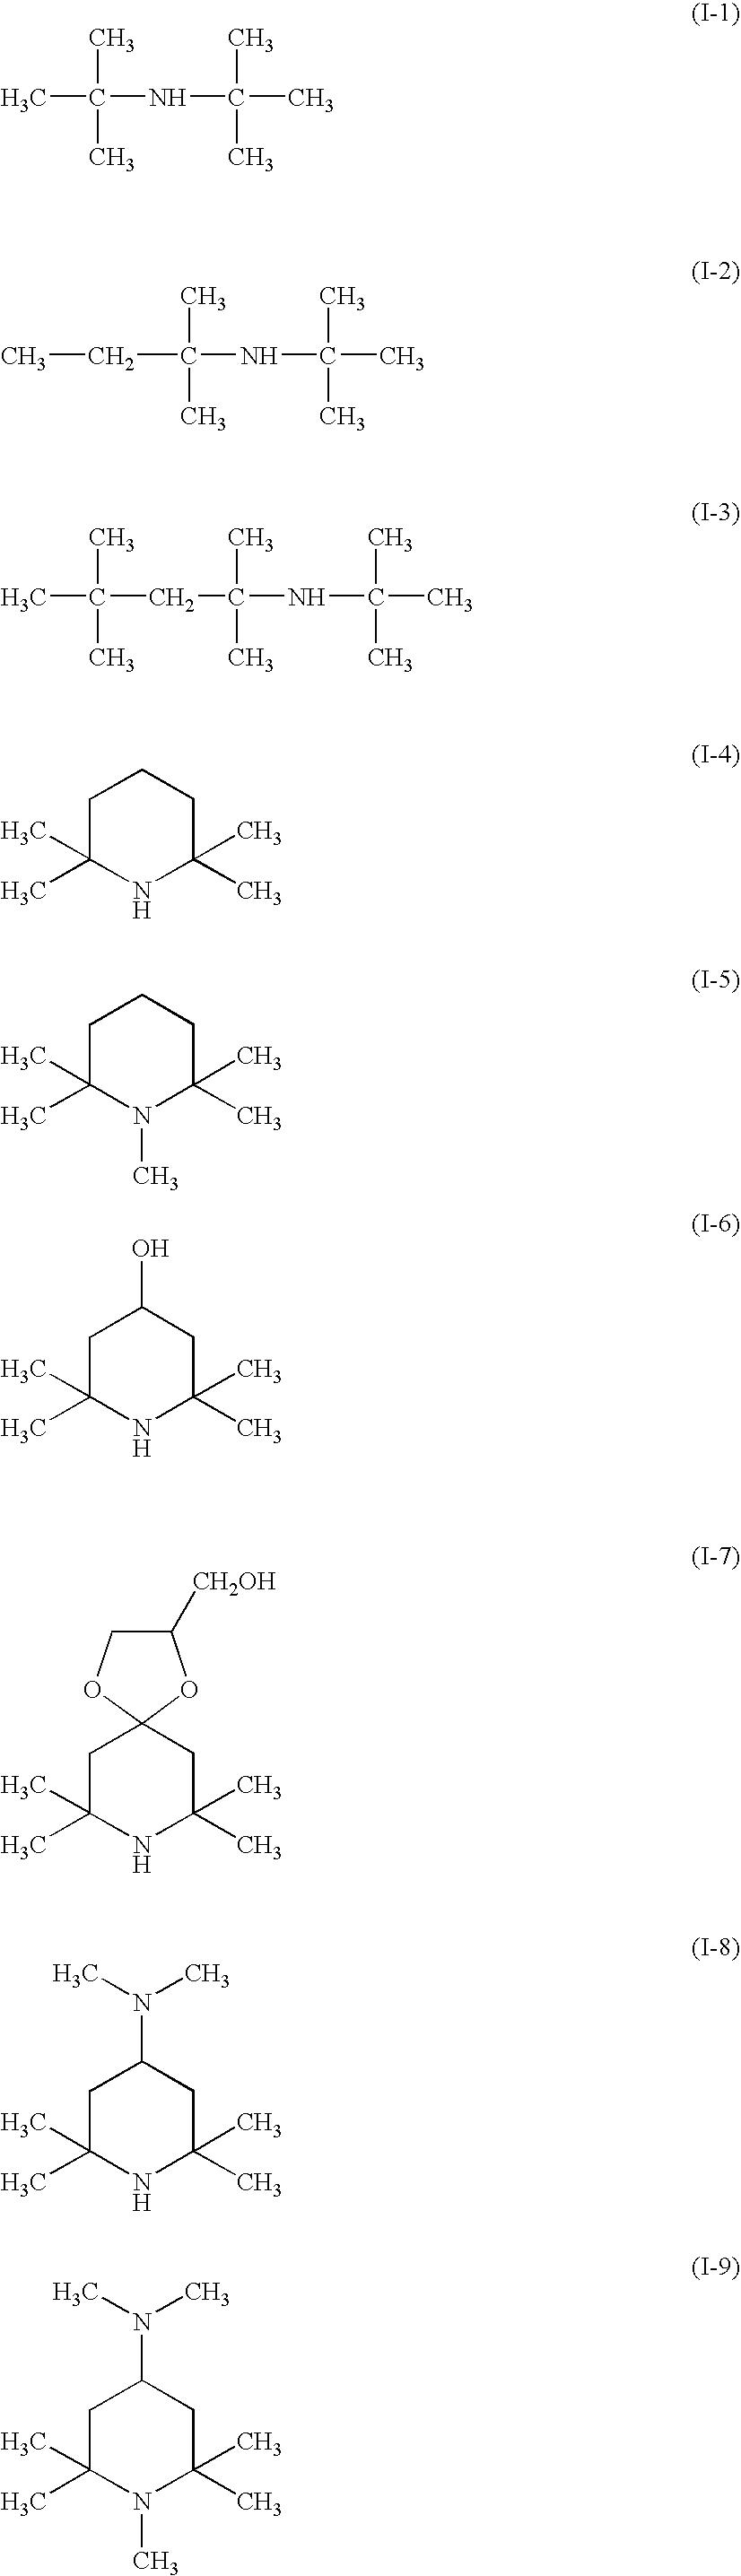 Figure US20060204732A1-20060914-C00019